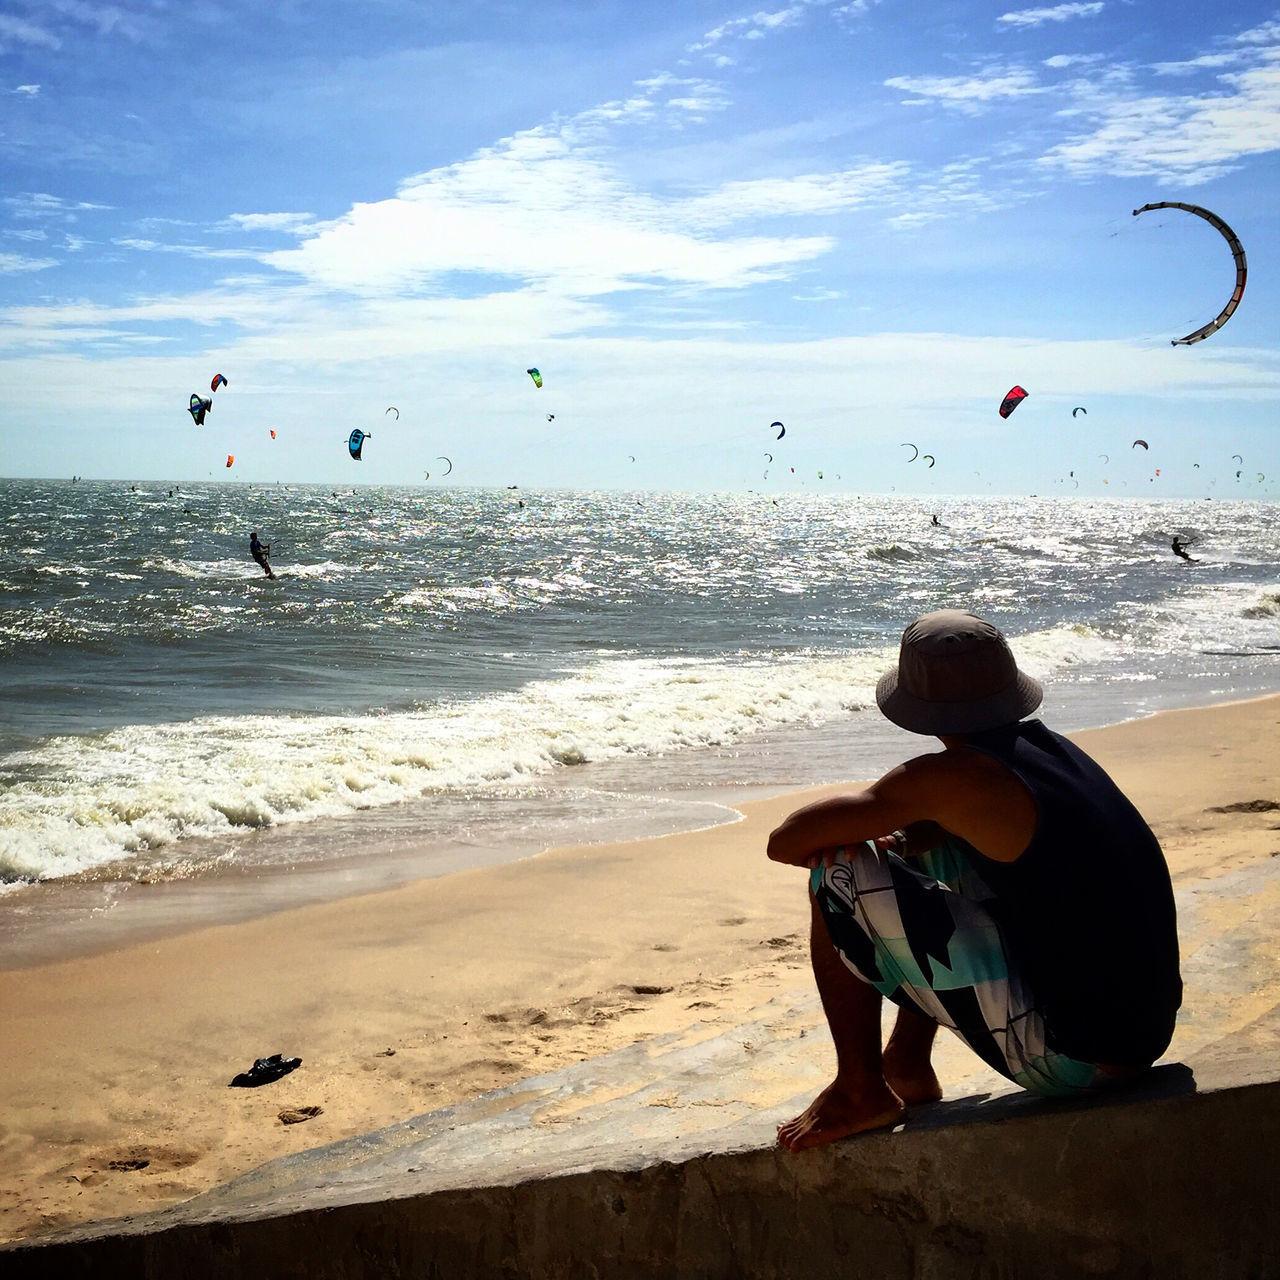 Beautiful stock photos of vietnam, Square Image, Vietnam, beach, carefree